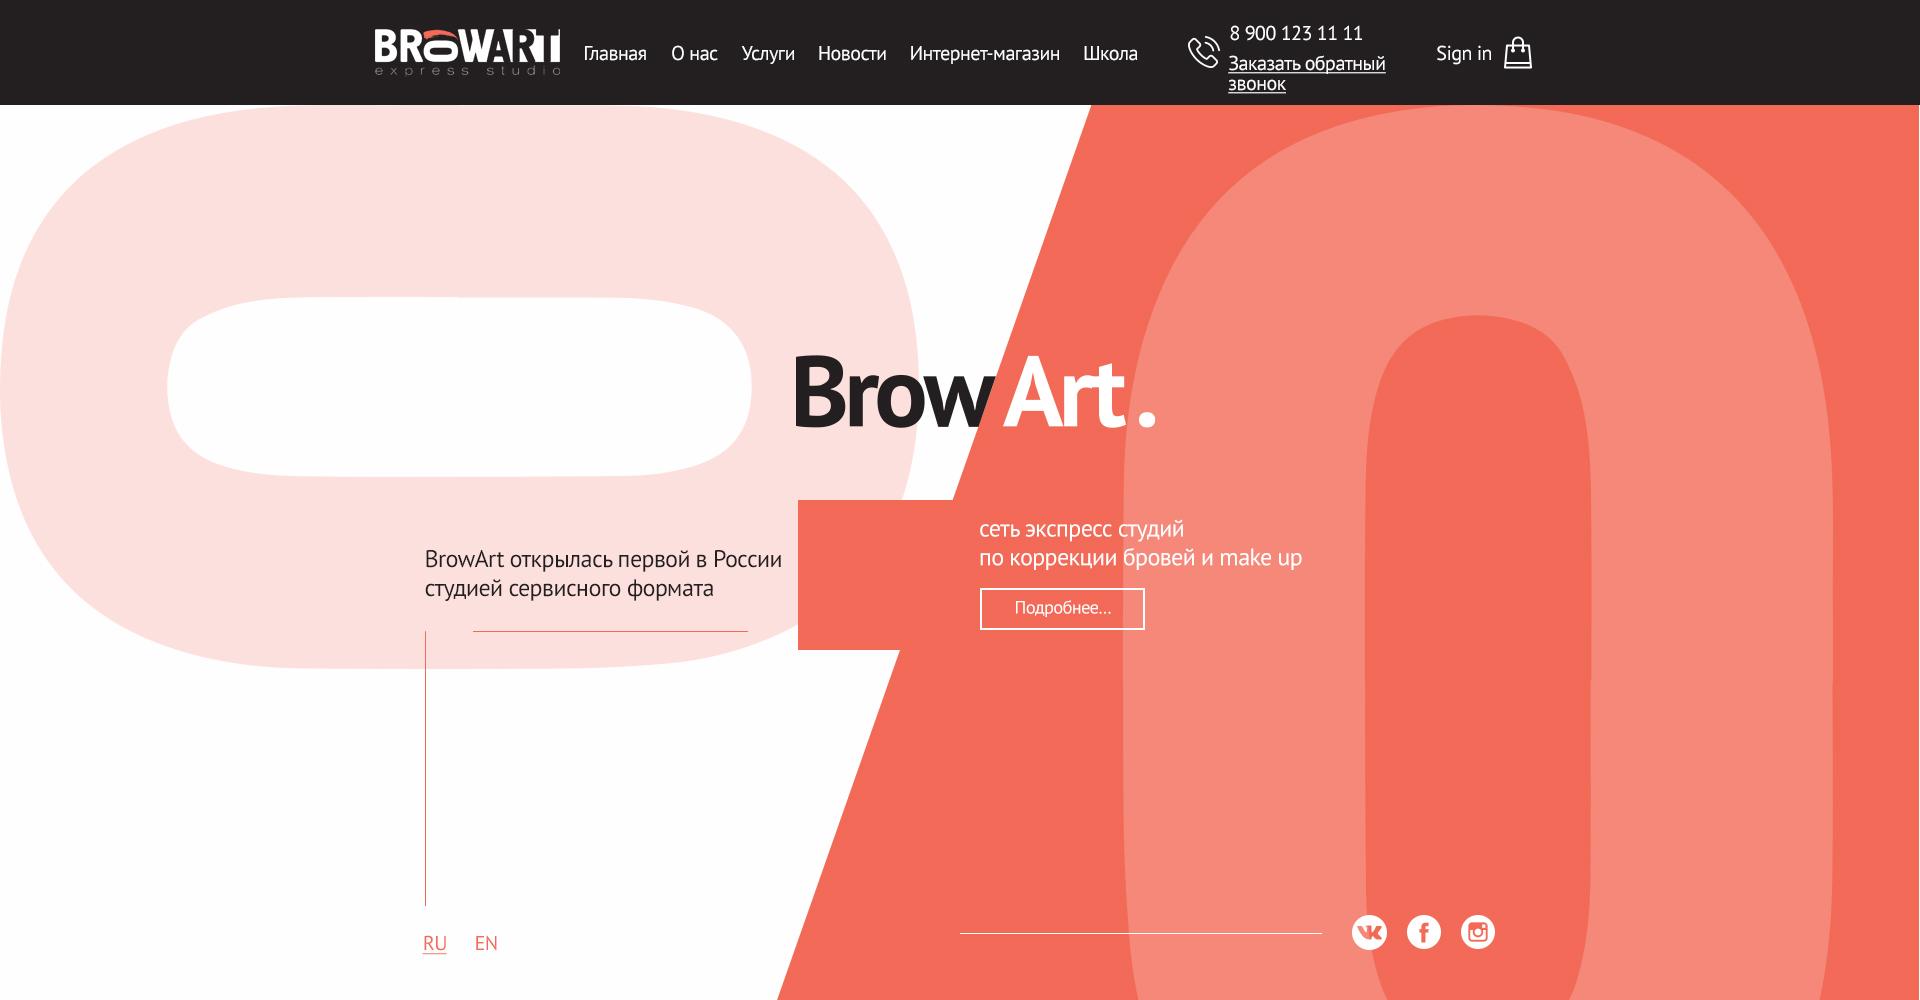 Дизайн сайта на основе готового прототипа-схемы и концепции фото f_3235a2464e2b3aaf.jpg